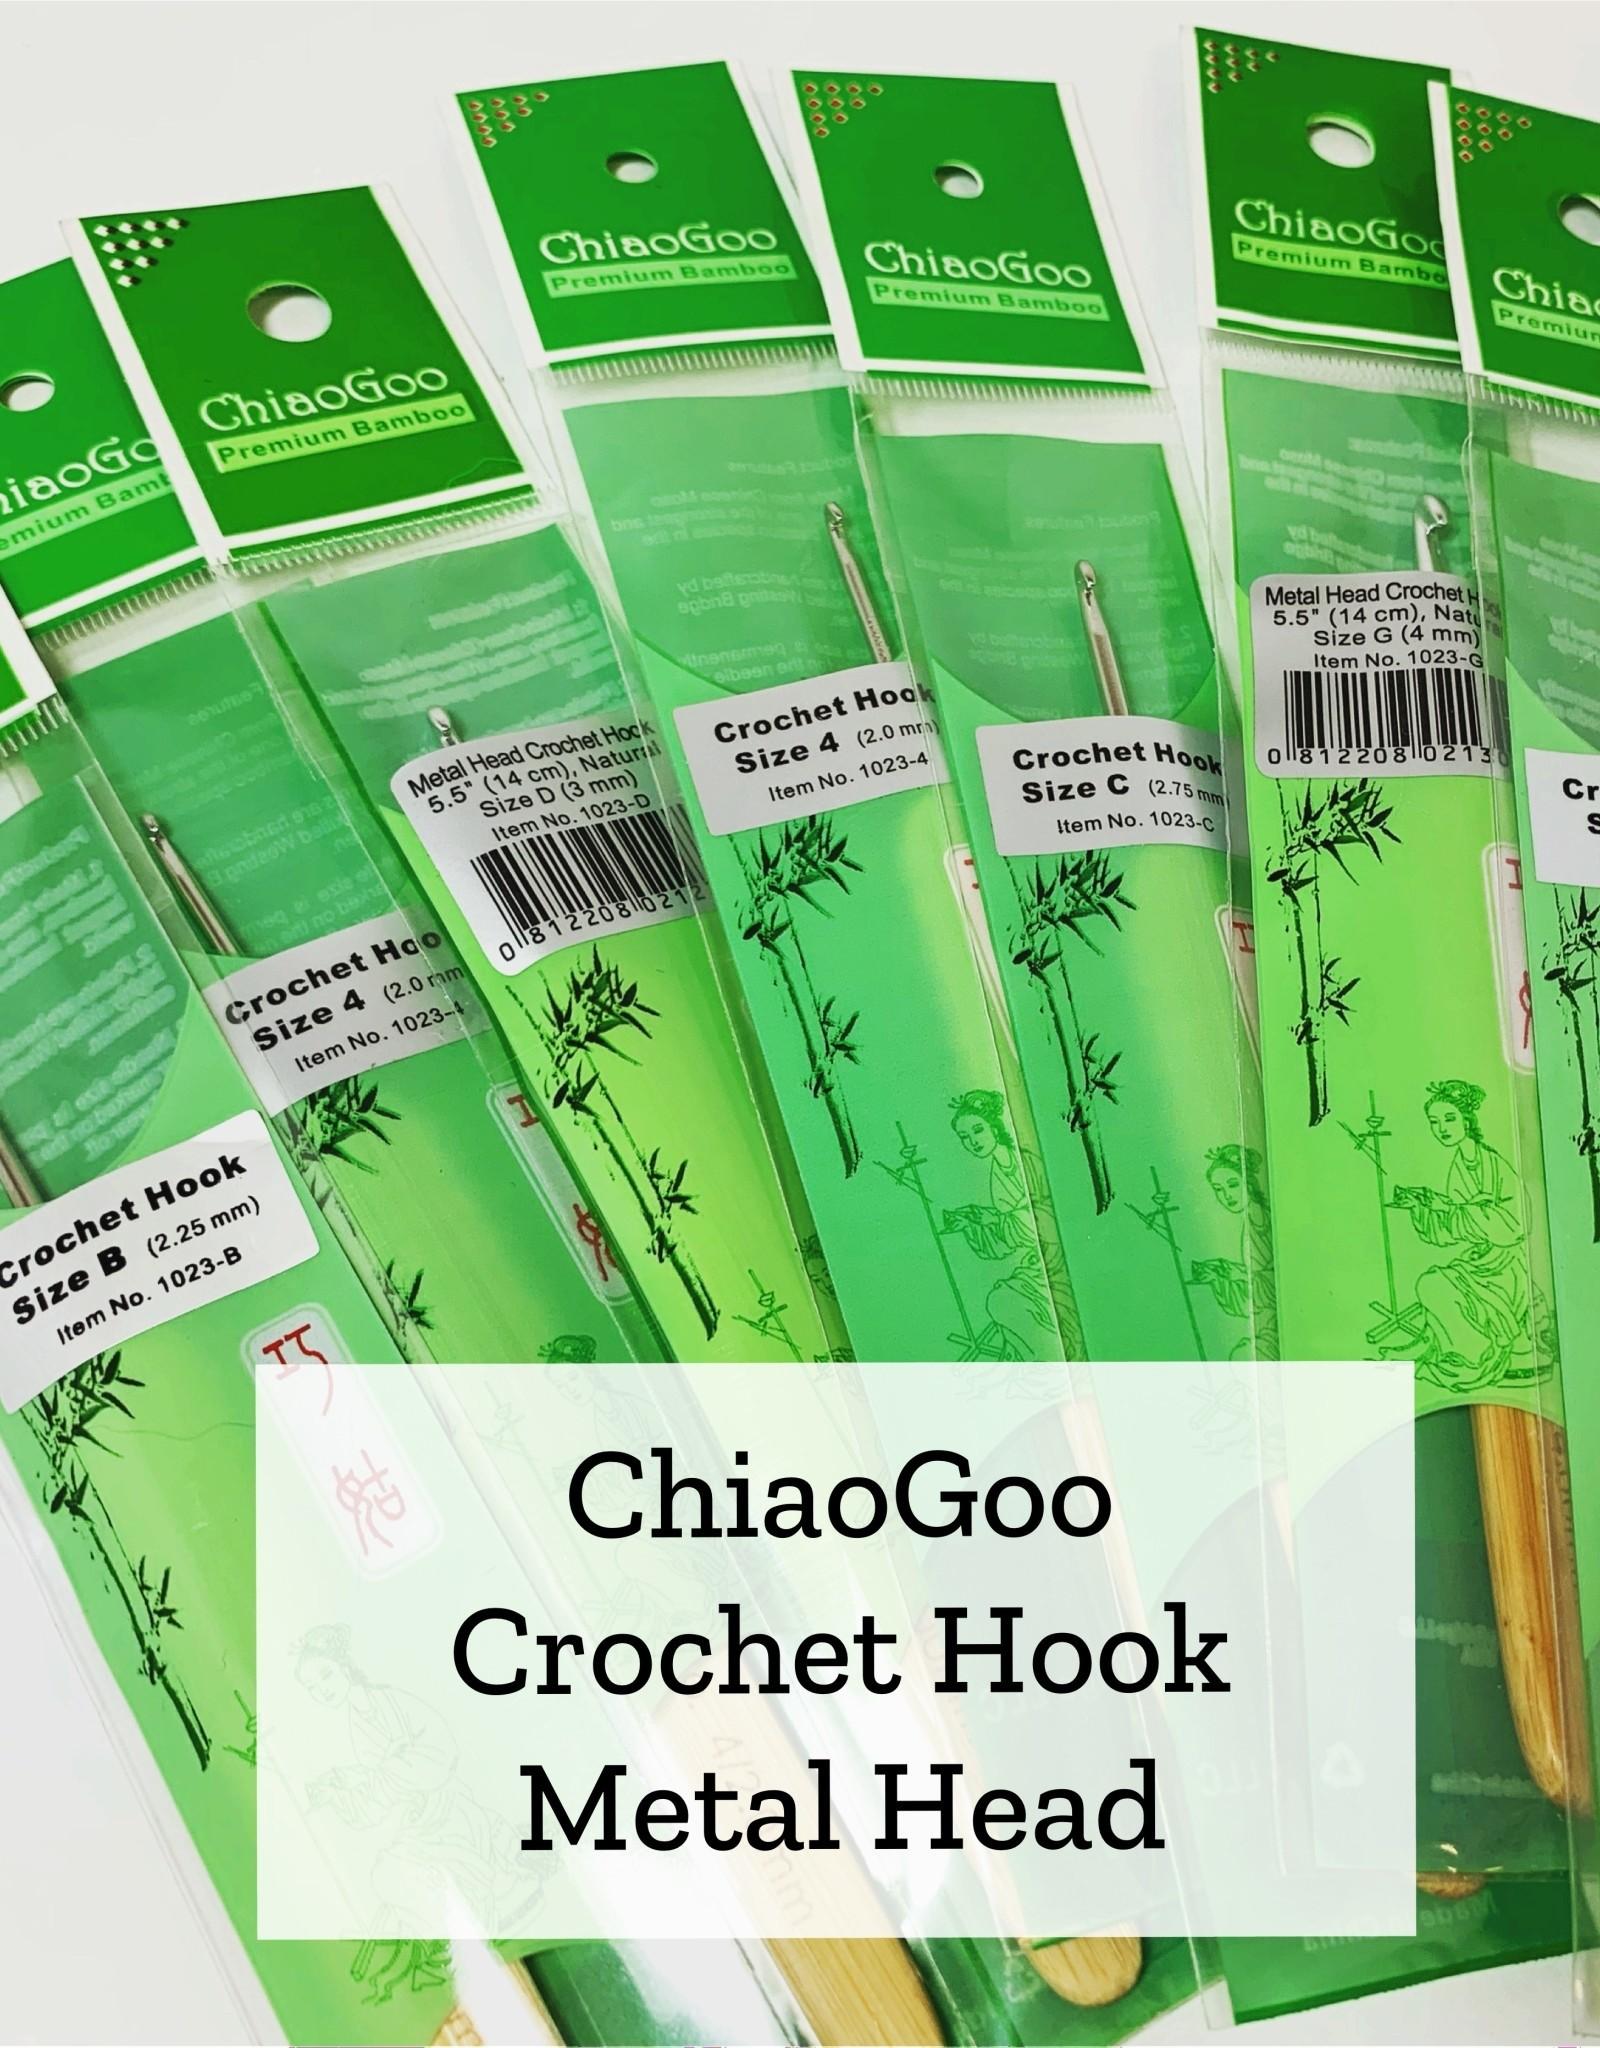 ChiaoGoo Metal Head Crochet - 5.5 mm